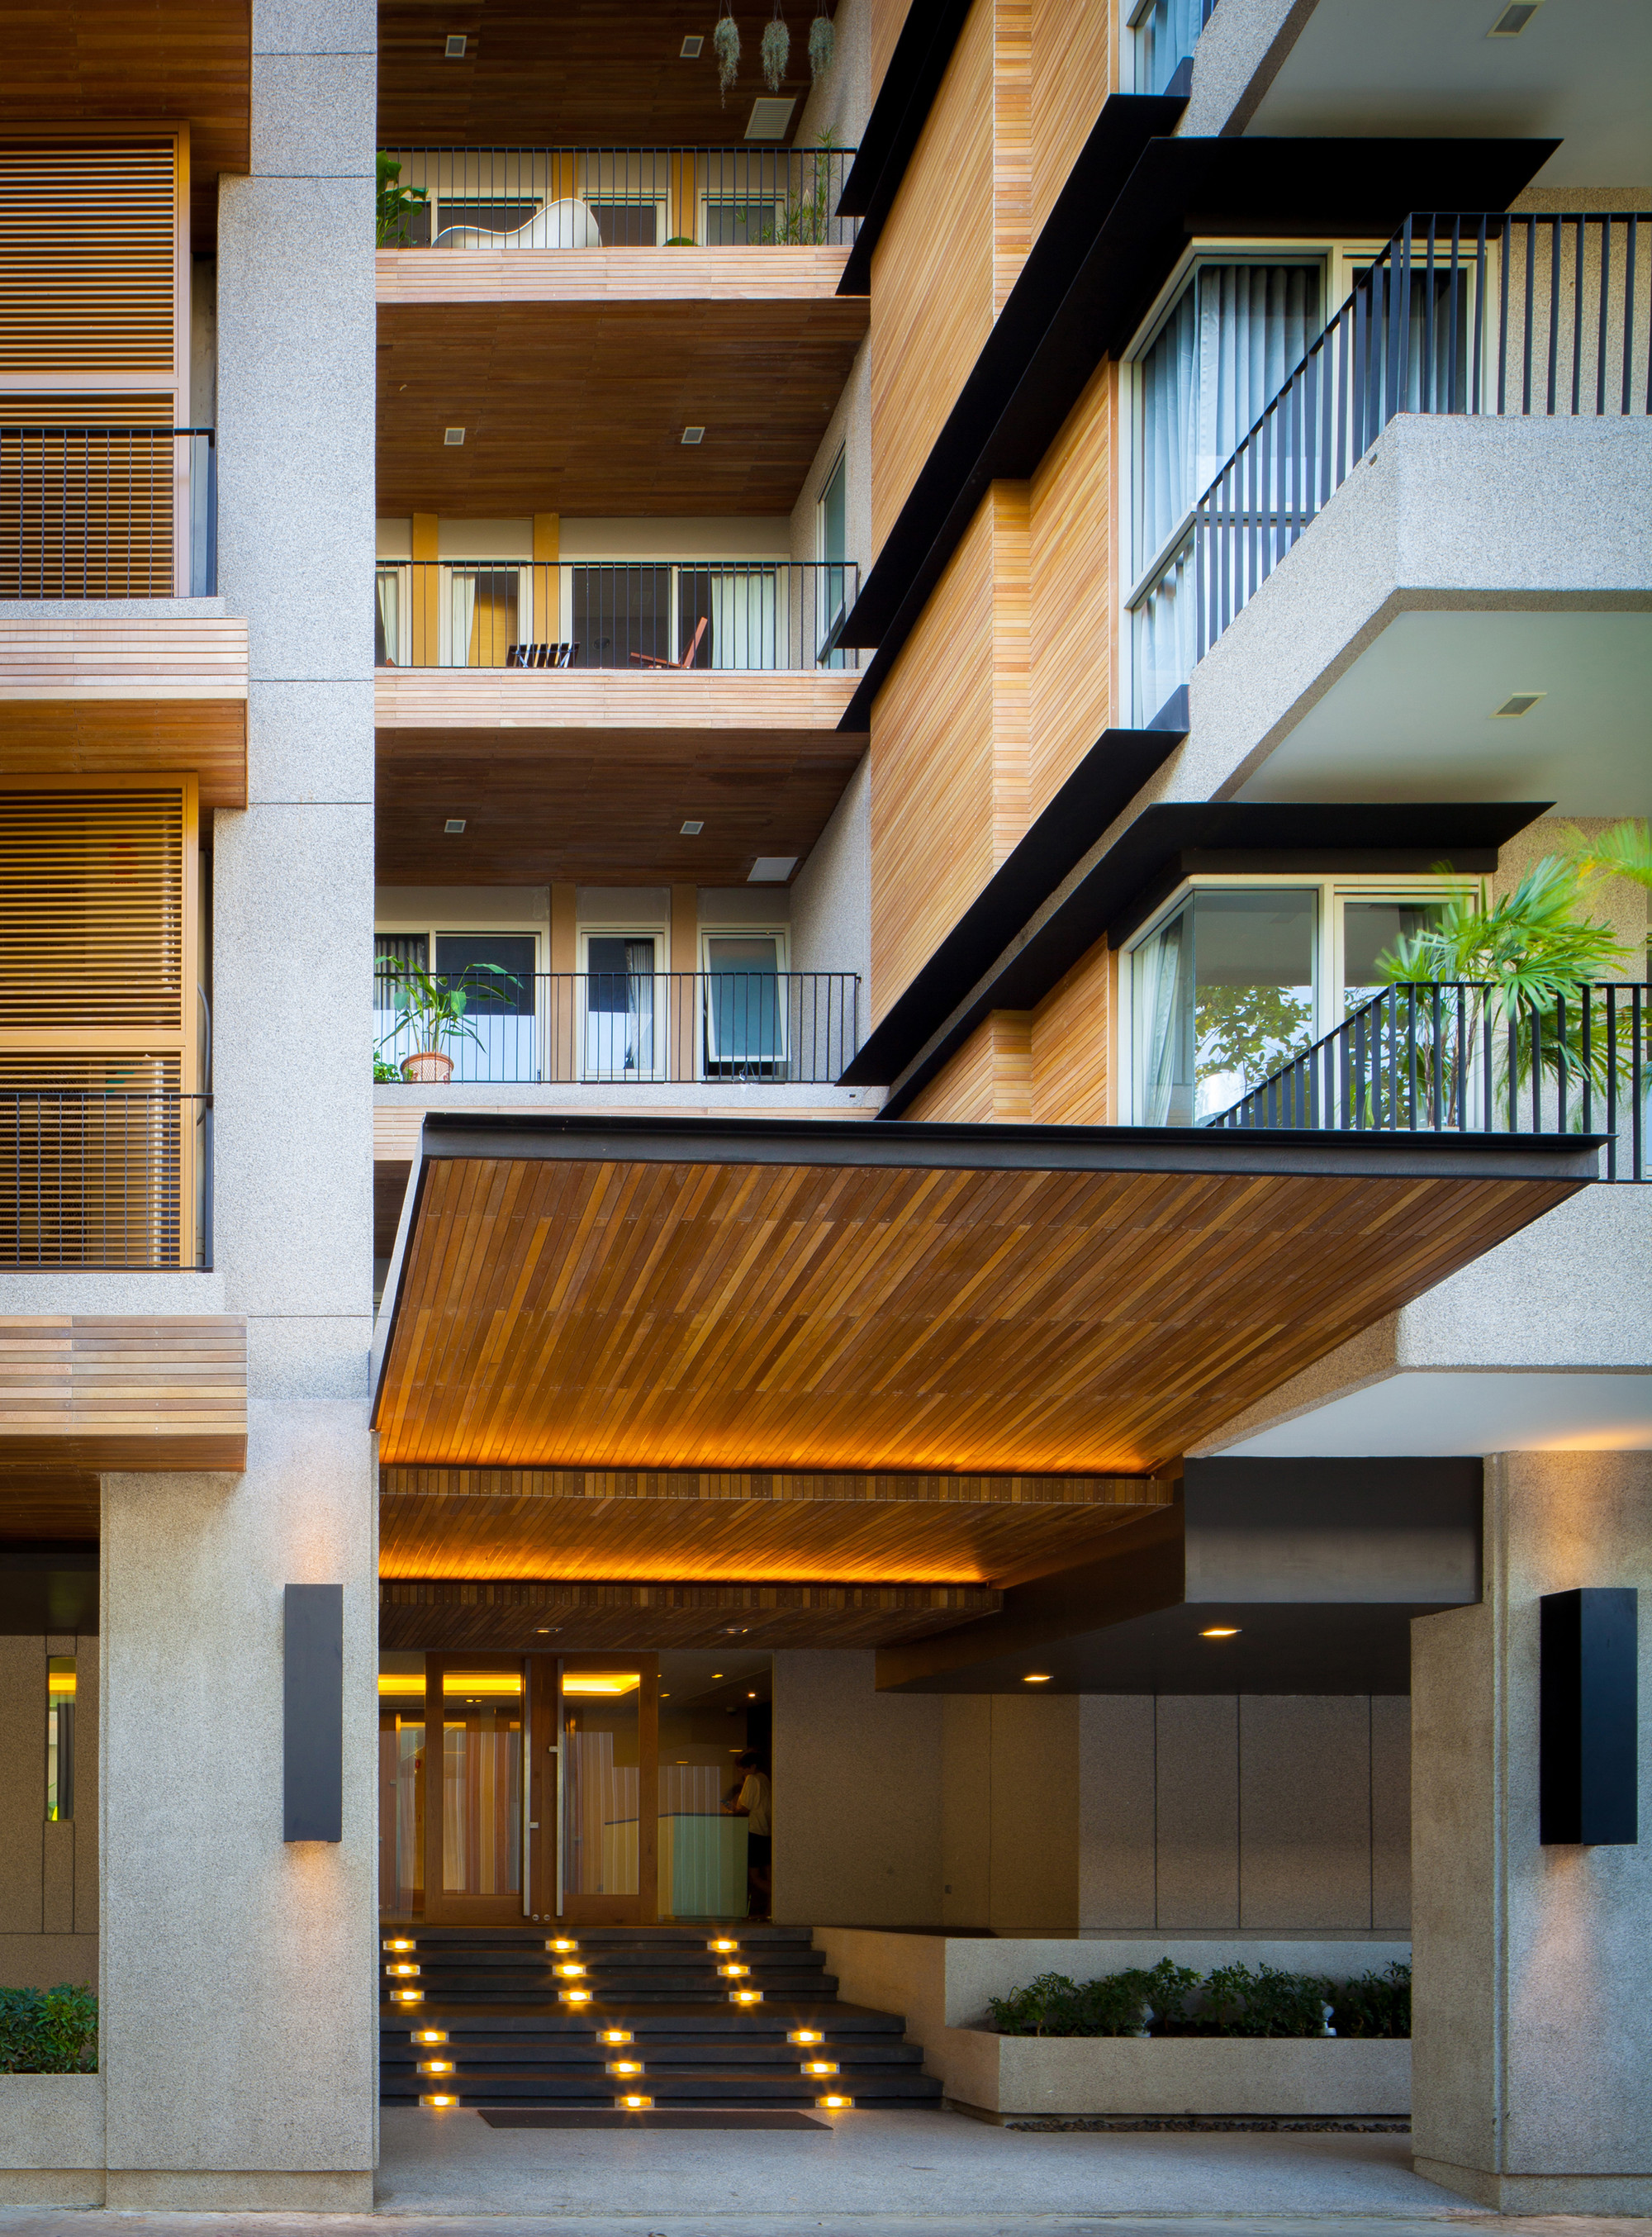 Thiết kế nội ngoại thất đẹp của căn hộ Pine Crest Residence tại Bangkok